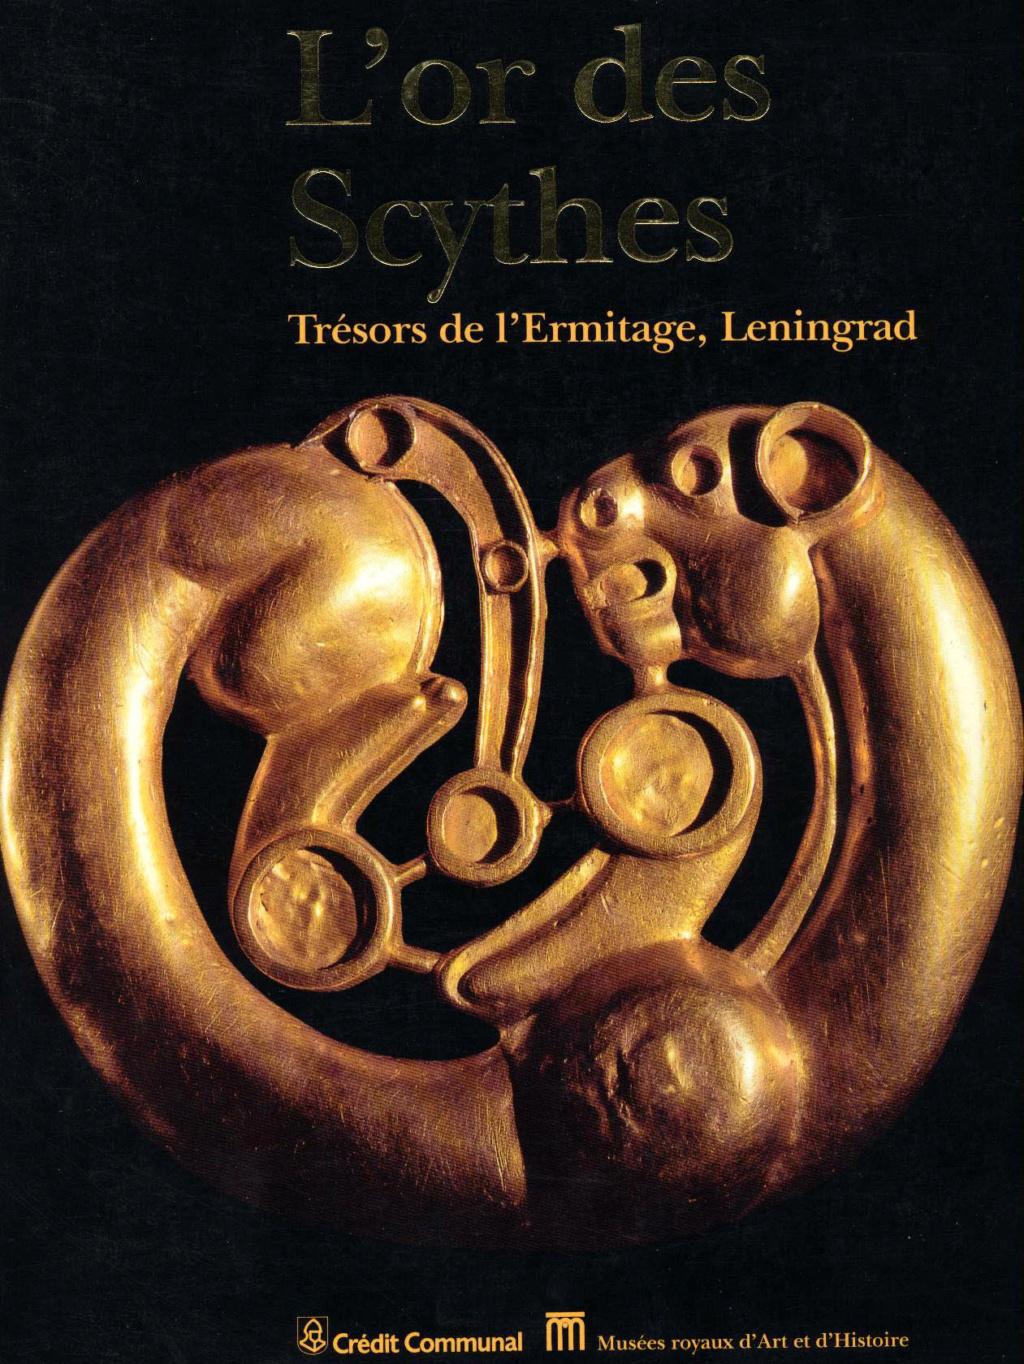 Archéologie - Page 12 Or_des10